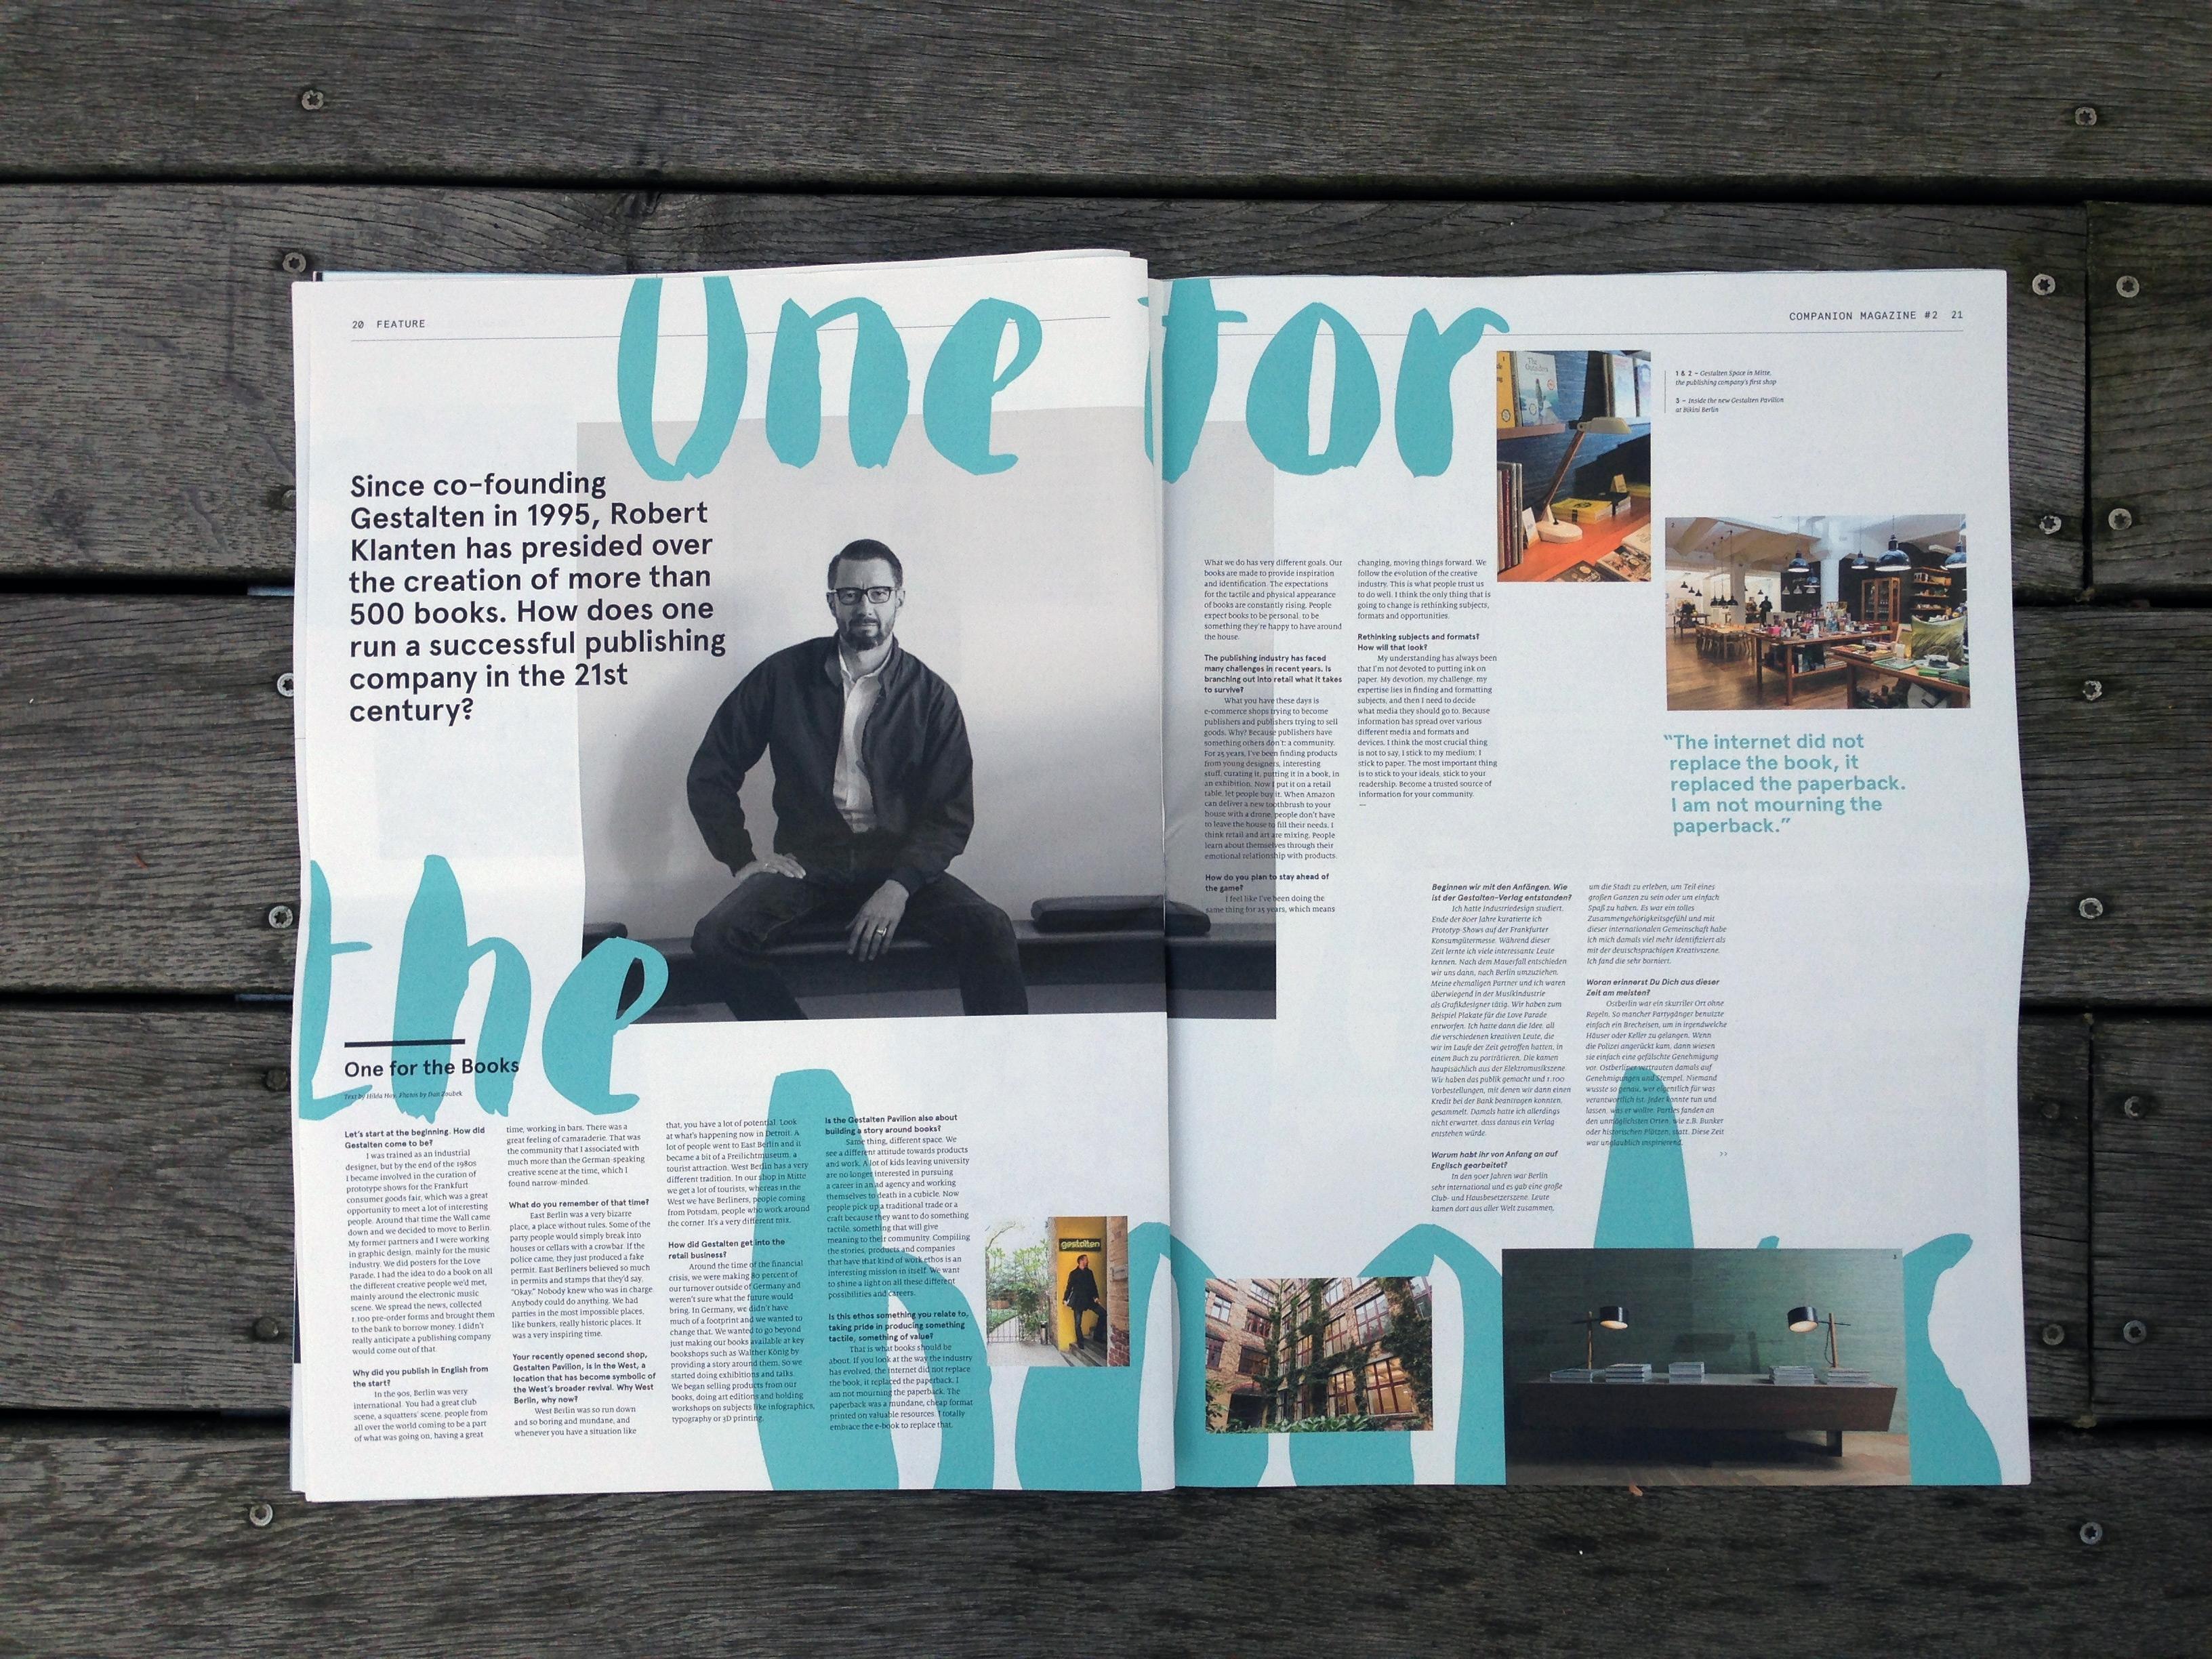 Freunde-von-Freunden-Companion-magazine-25-hours-hotels-02